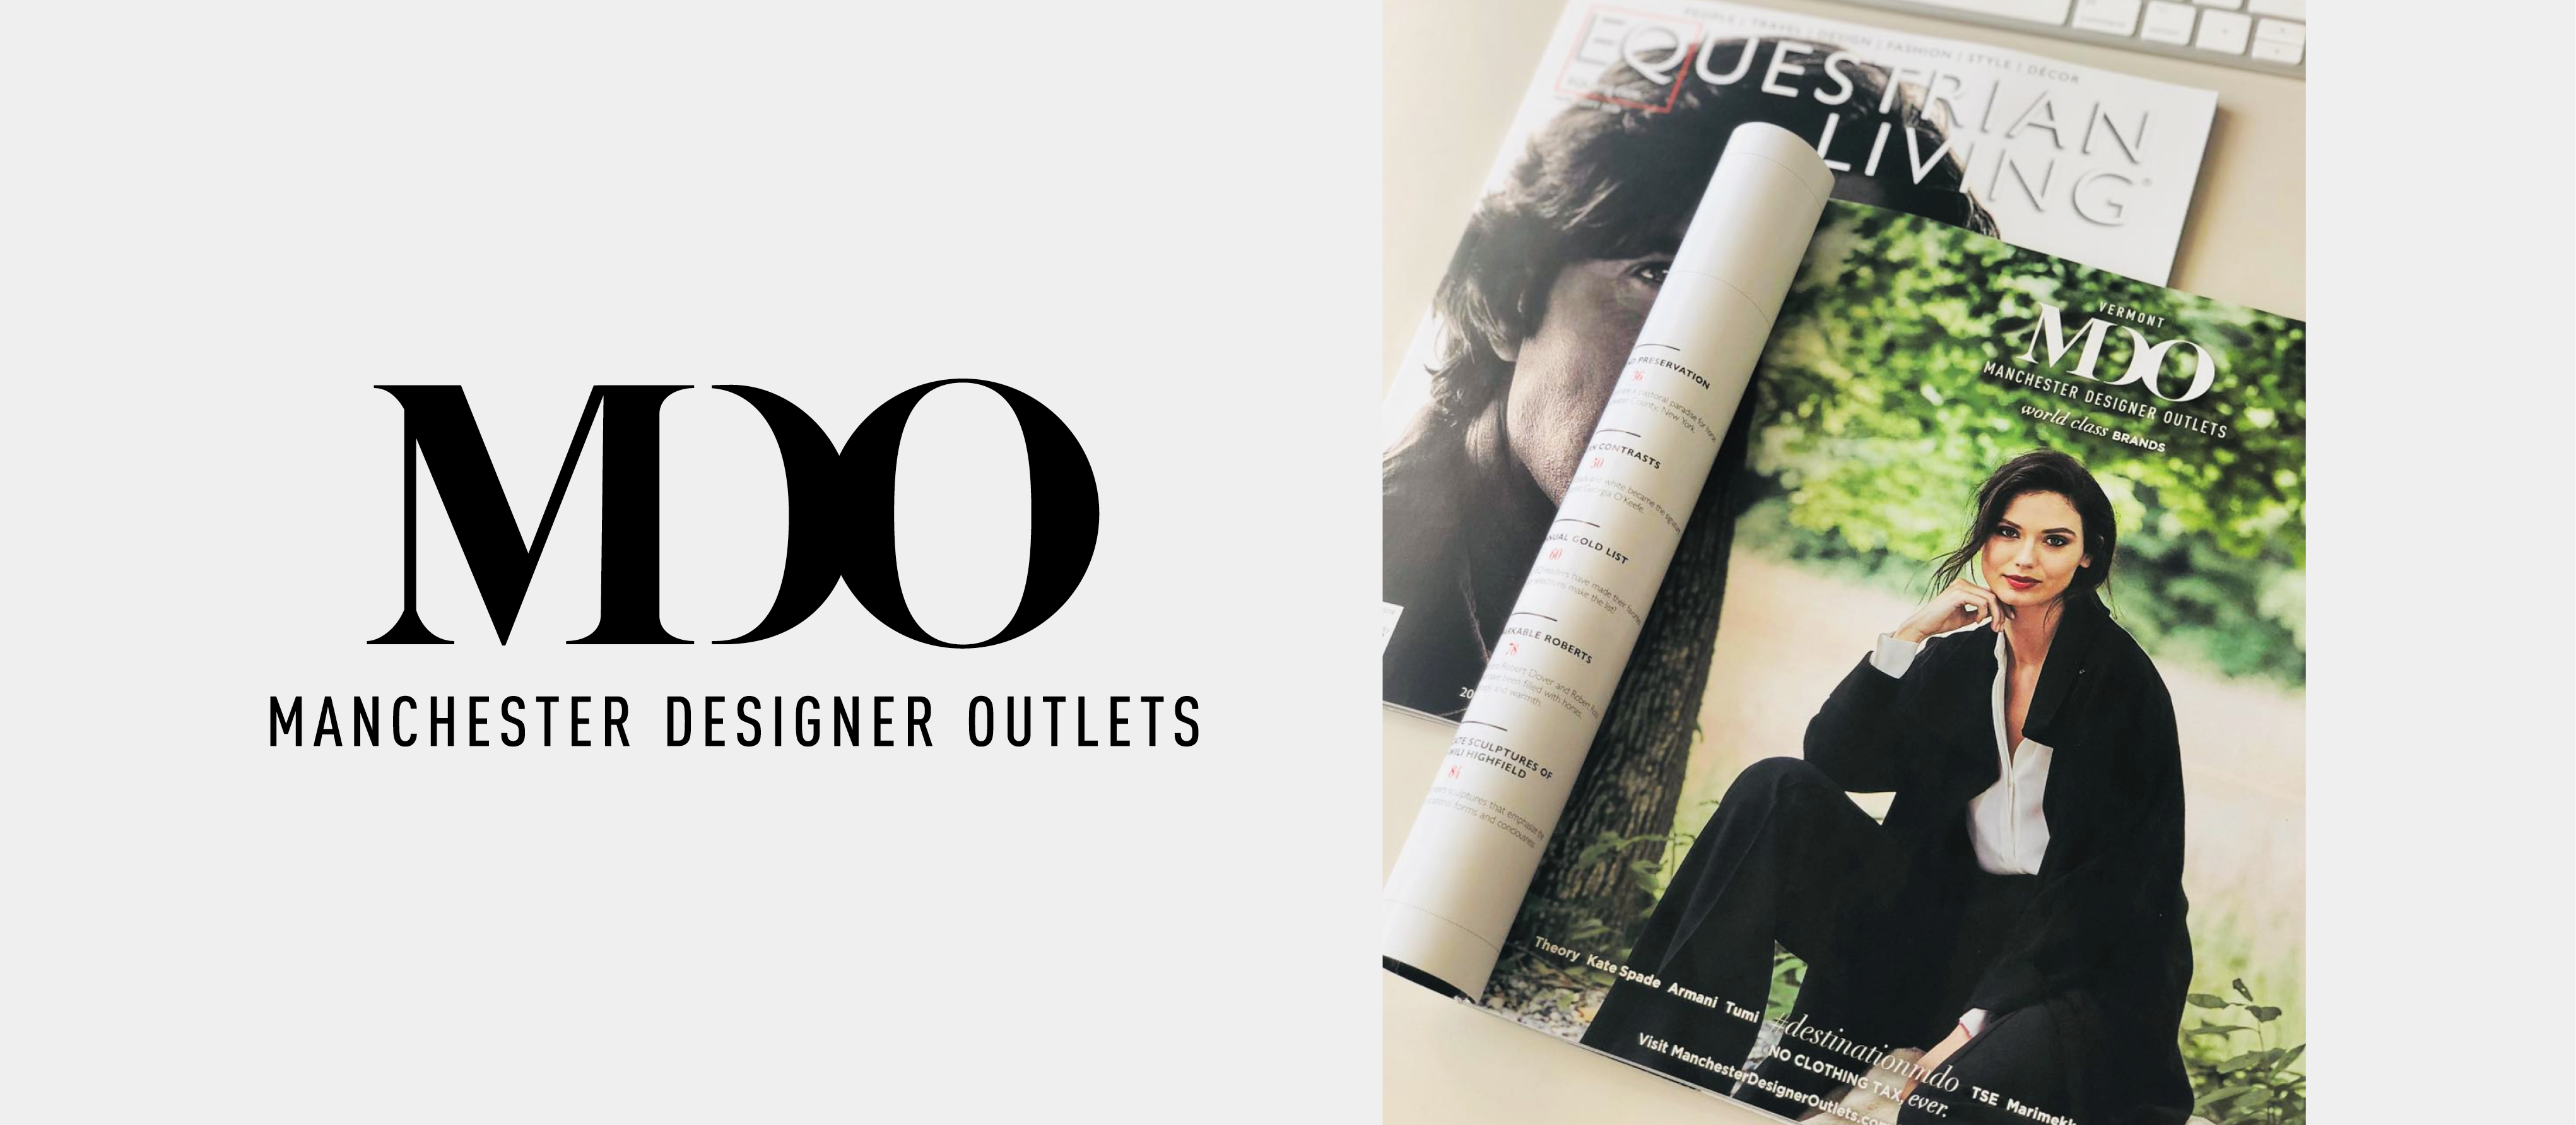 Manchester Designer Outlets